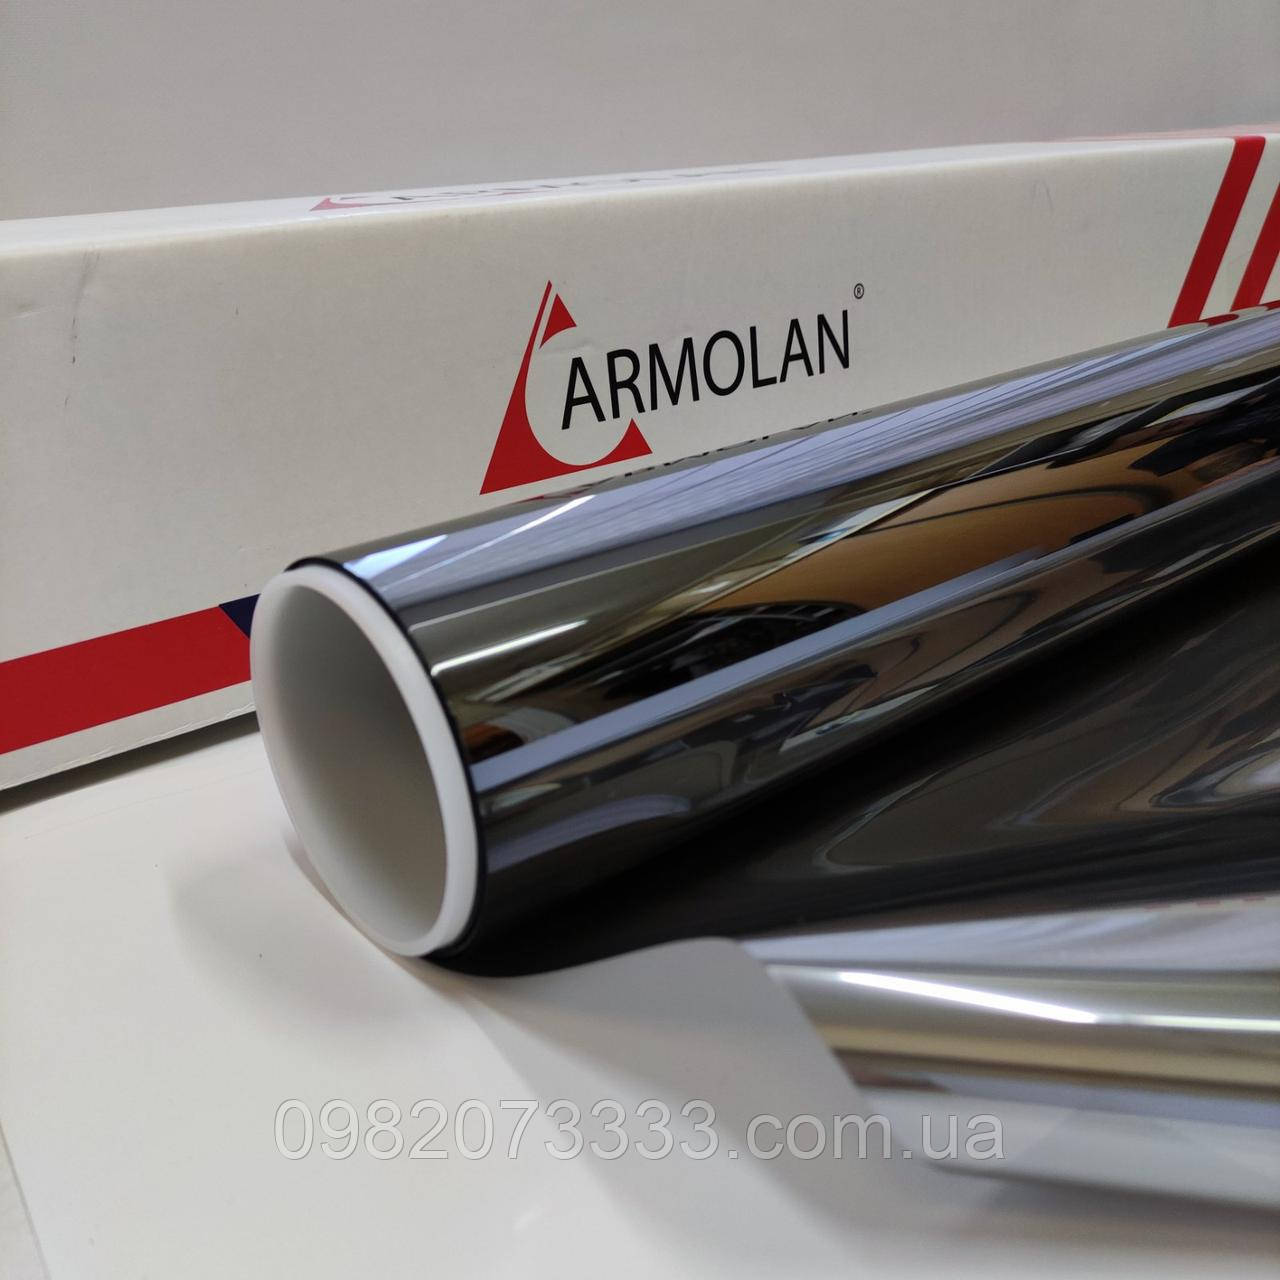 Armolan HP Platinum 20 солнцезащитная металлизированная плёнка для внутренней поклейки (1,524) (пм)